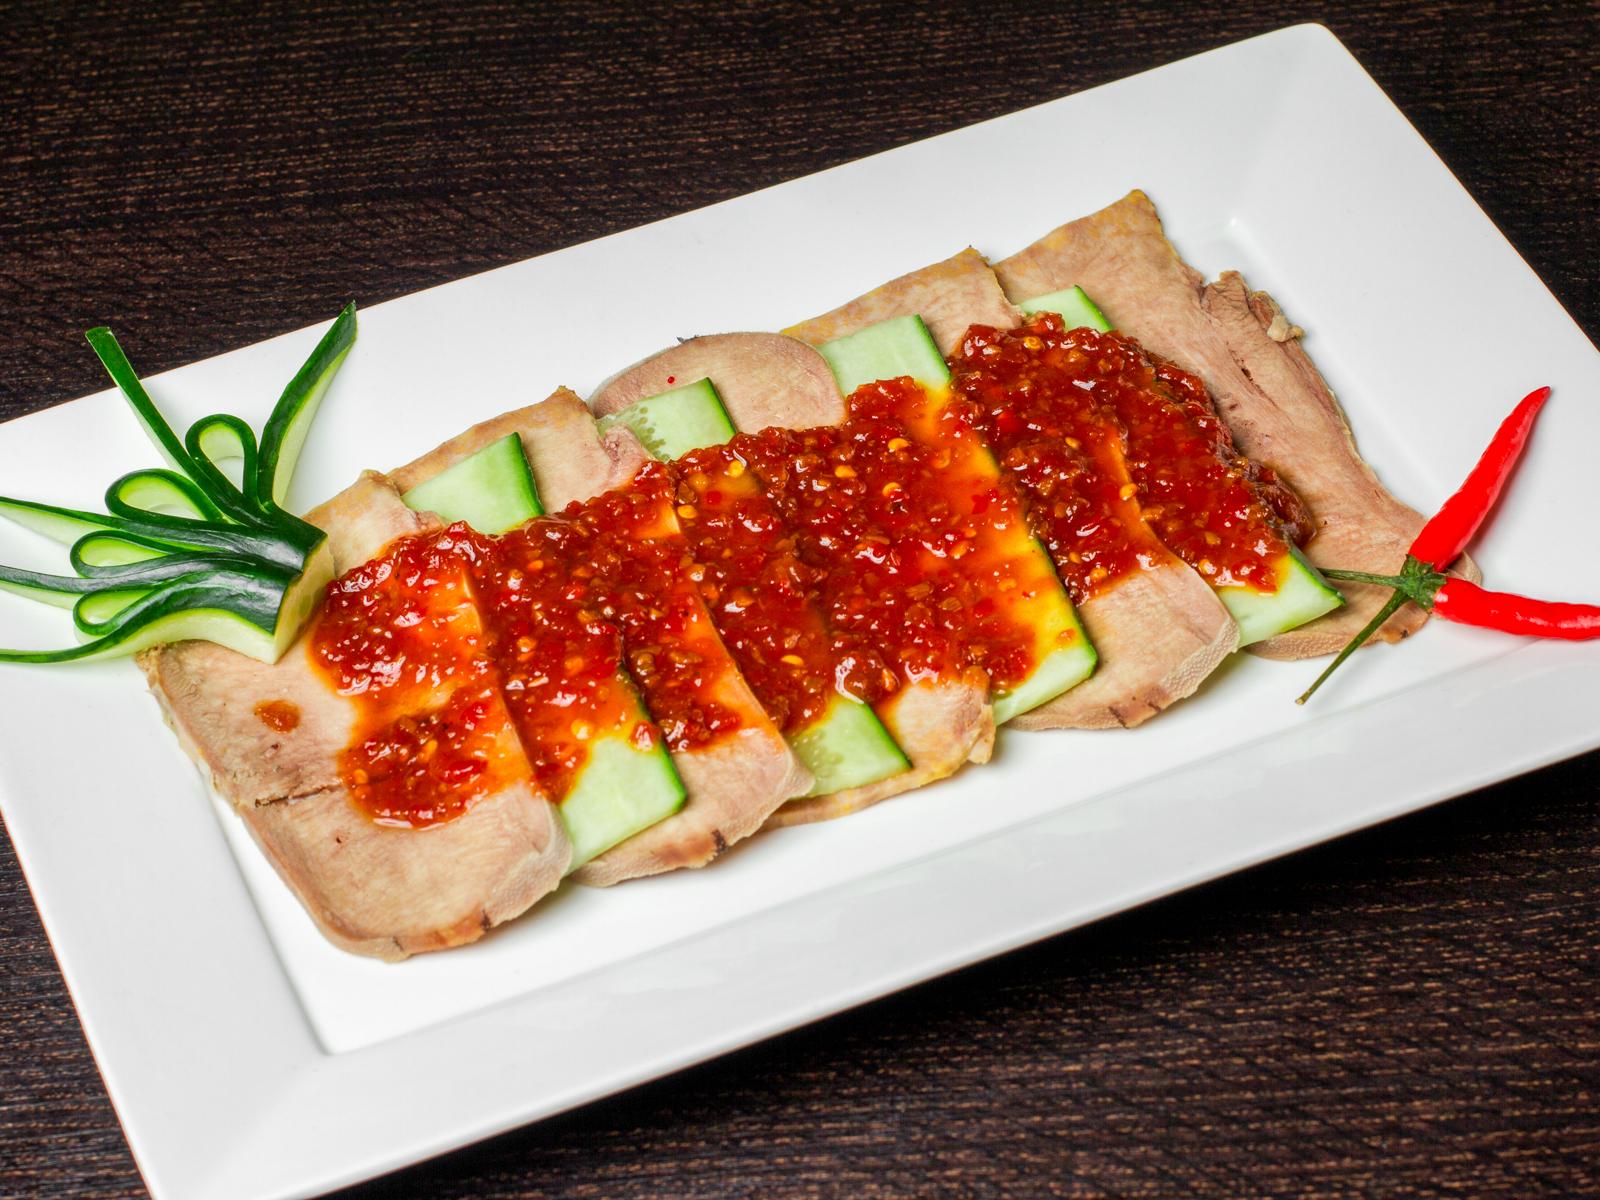 Салат из языка говядины с сычуаньским соусом